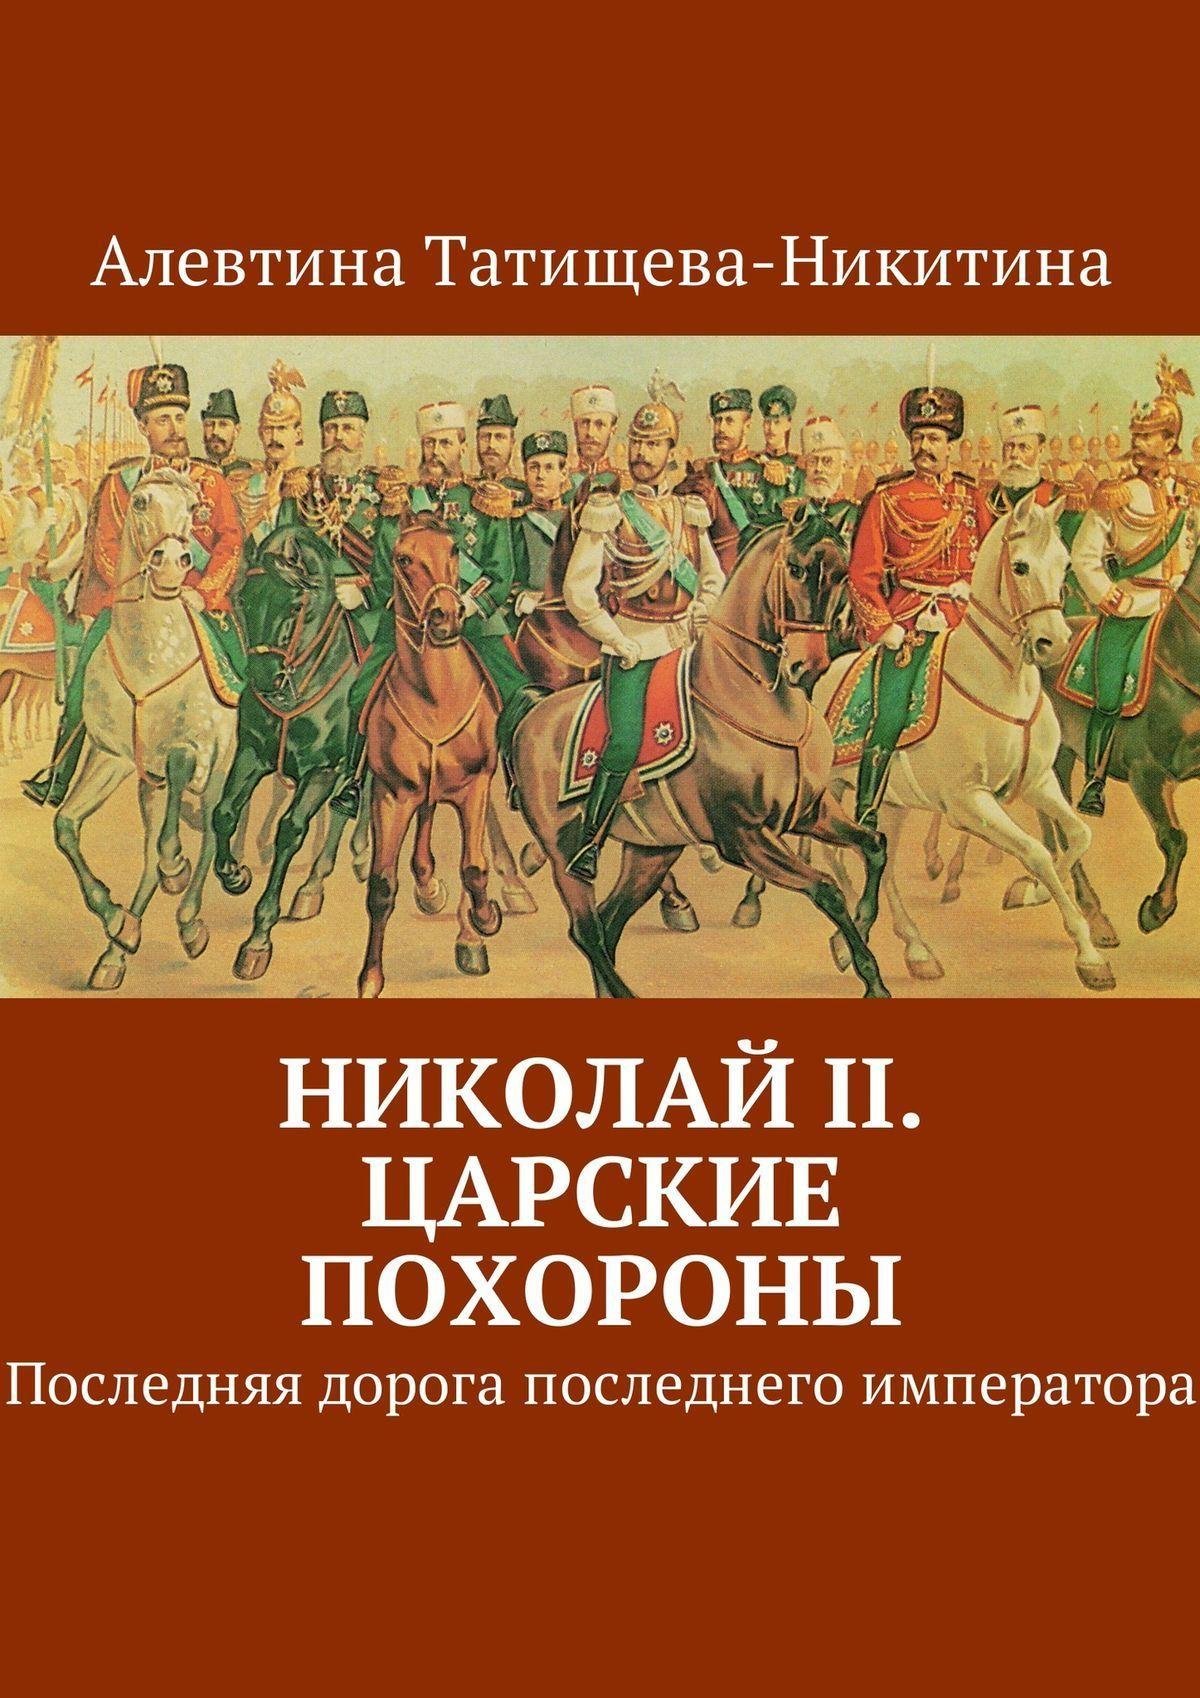 Алевтина Татищева-Никитина Николай II. Царские похороны. Последняя дорога последнего императора при дворе последнего императора